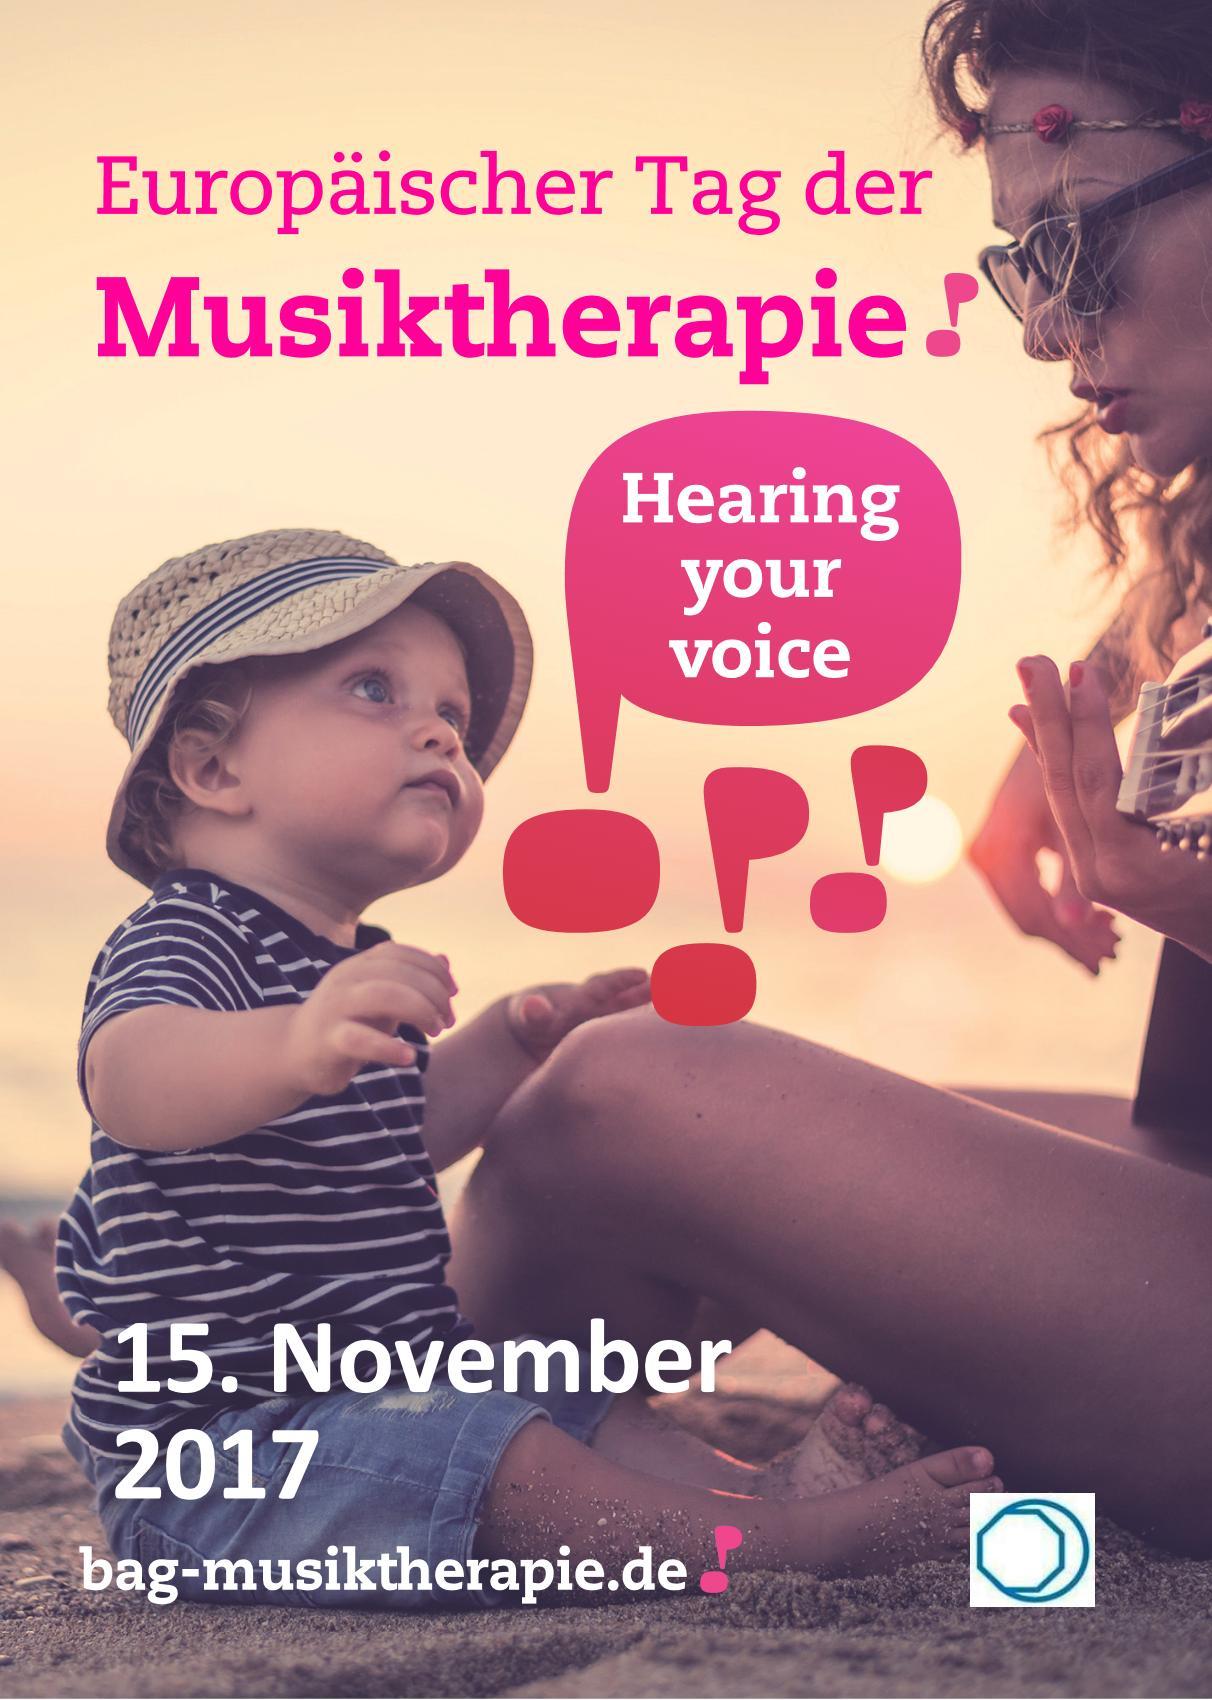 Tag der Musiktherapie 2017